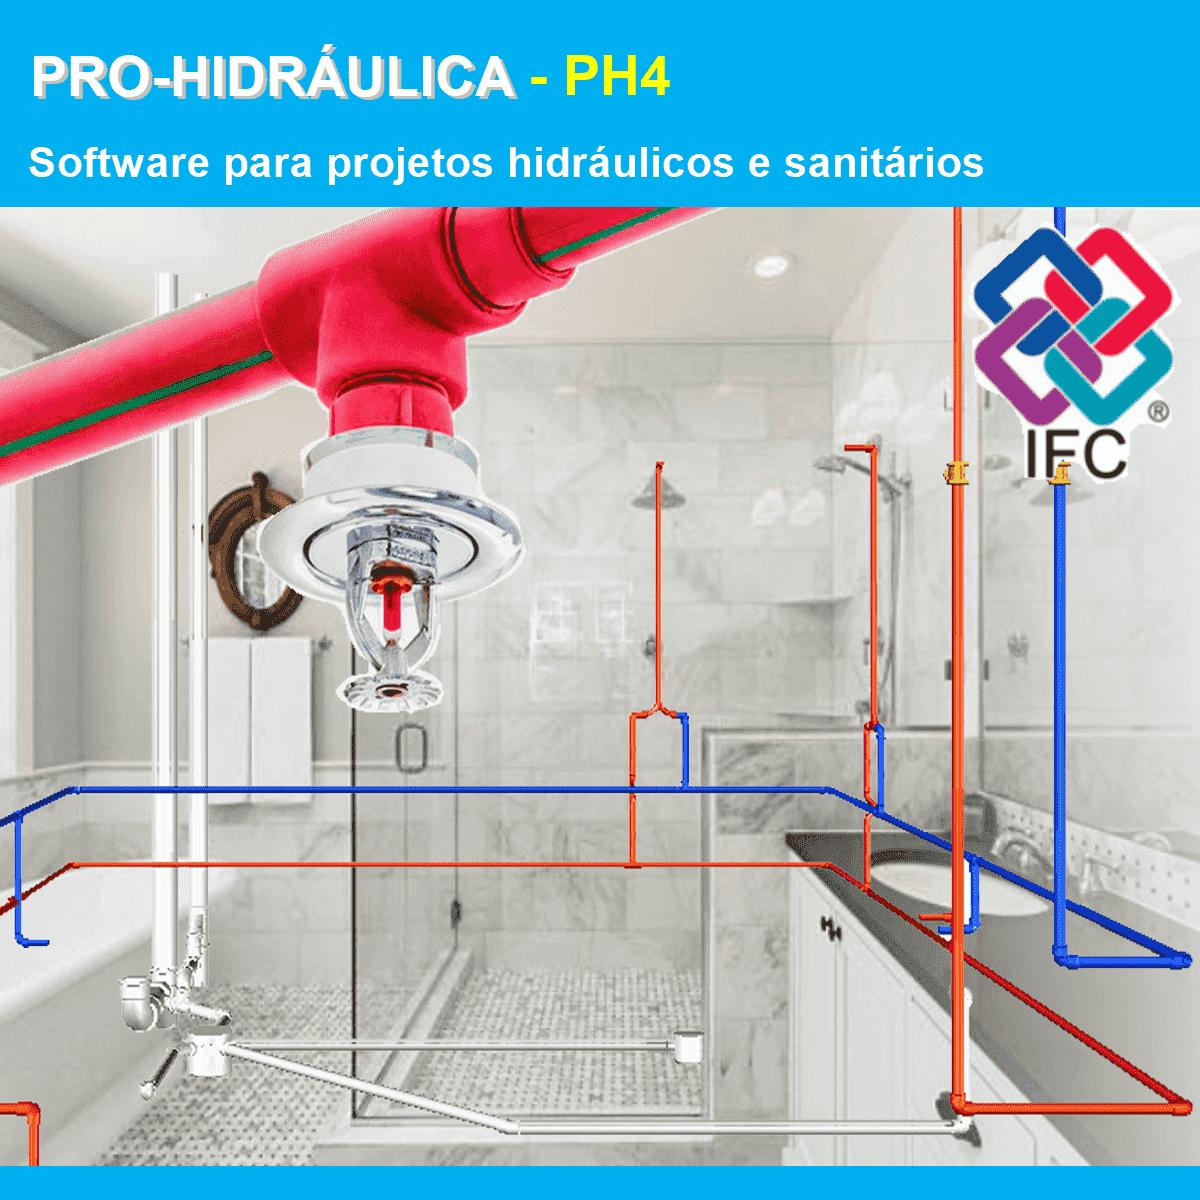 Software PRO-Hidráulica versão 18 Pacote PH4 incluindo Detalhamento, Dimensionamento, Incêndio e Exportação em IFC  - MULTIPLUS SOFTWARES